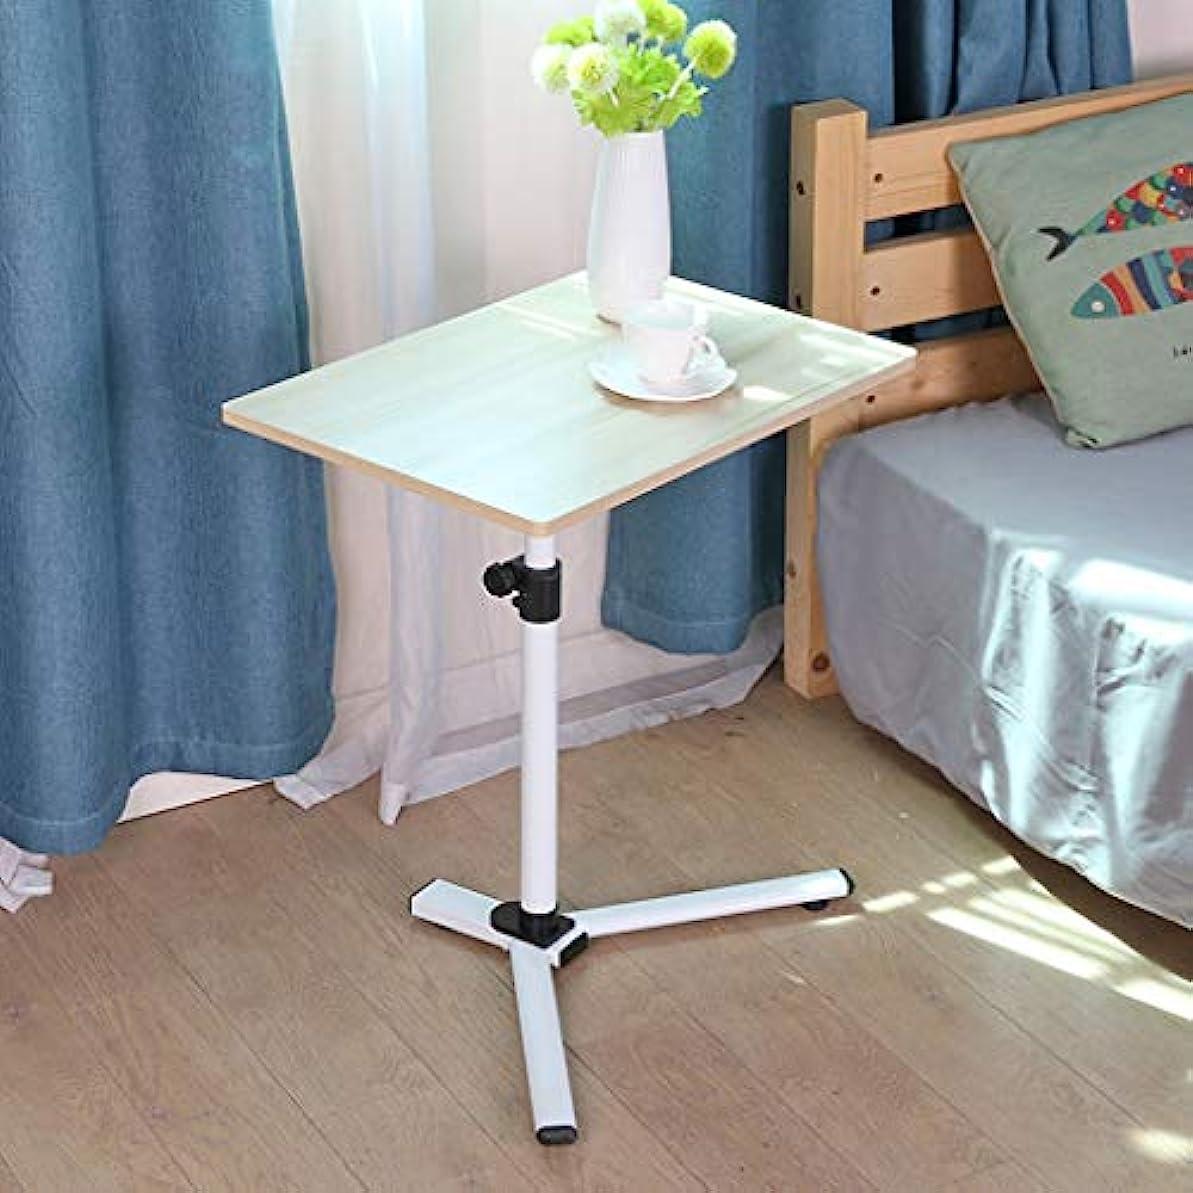 狼それ流ポータブルリムーバブルテーブル、調節可能な高さの長方形テーブル、多機能ベッドルームコンピュータデスク、朝食サービスベッドトレイ (色 : Maple)